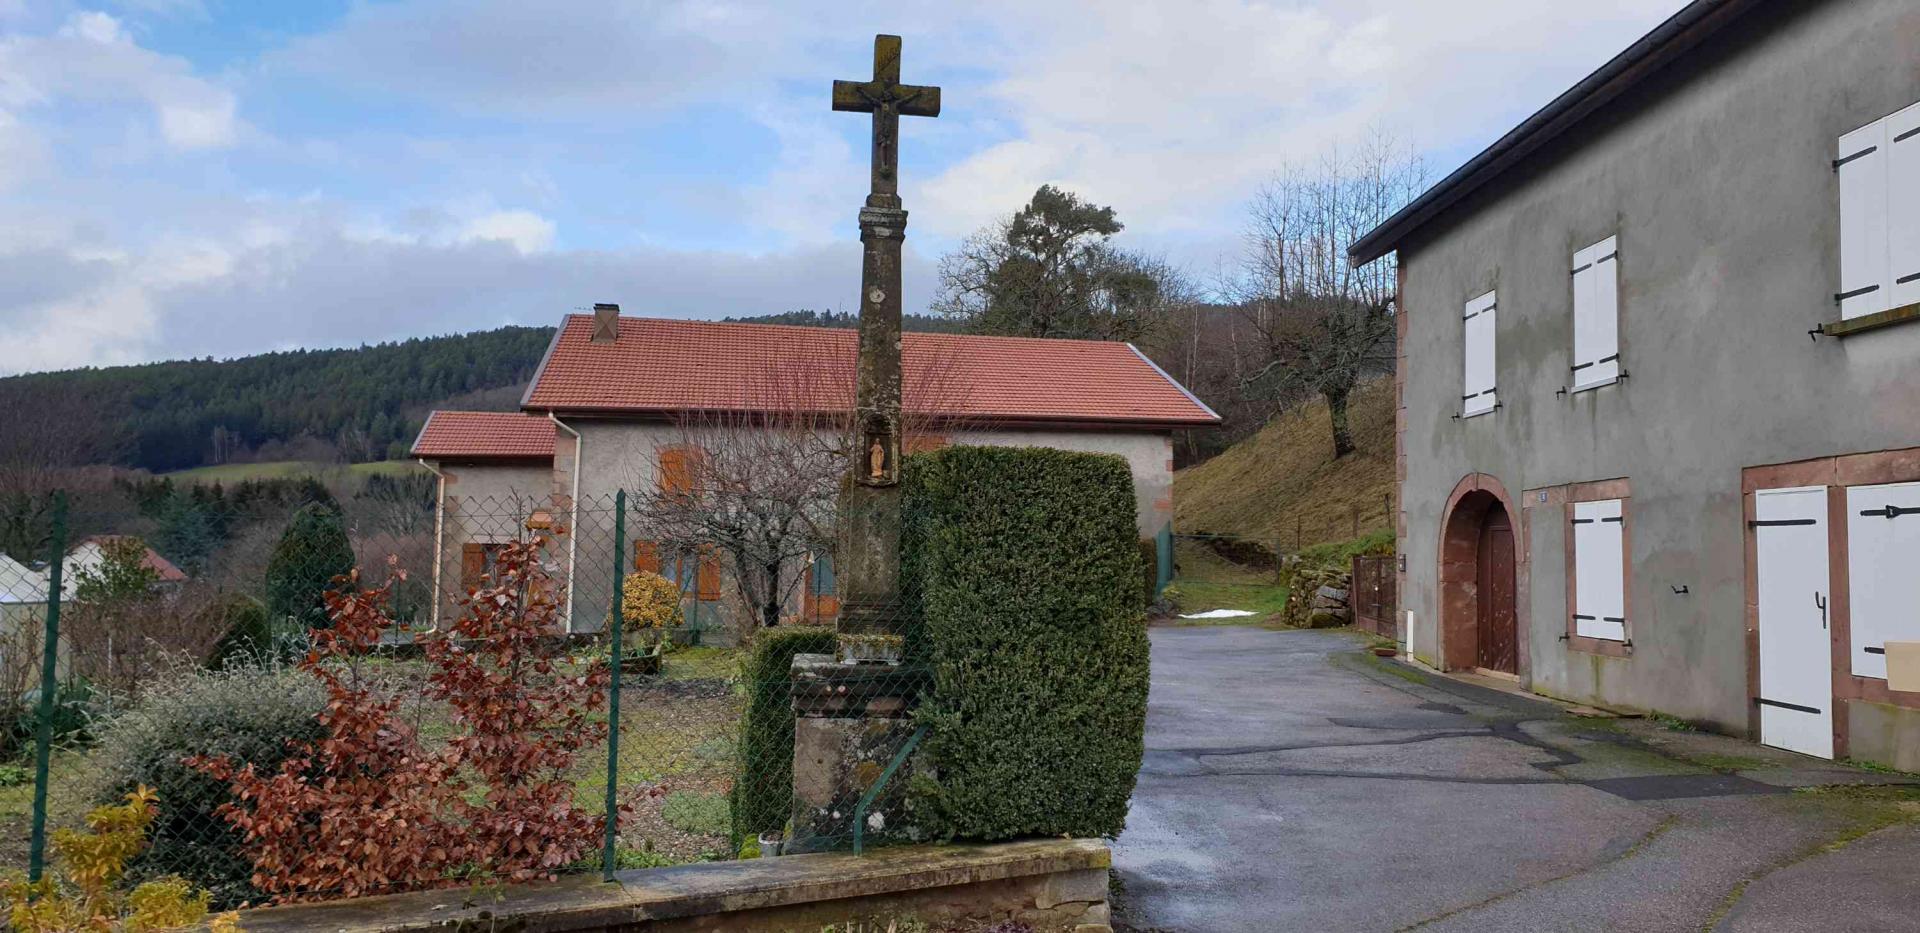 Croix 6 rue du village